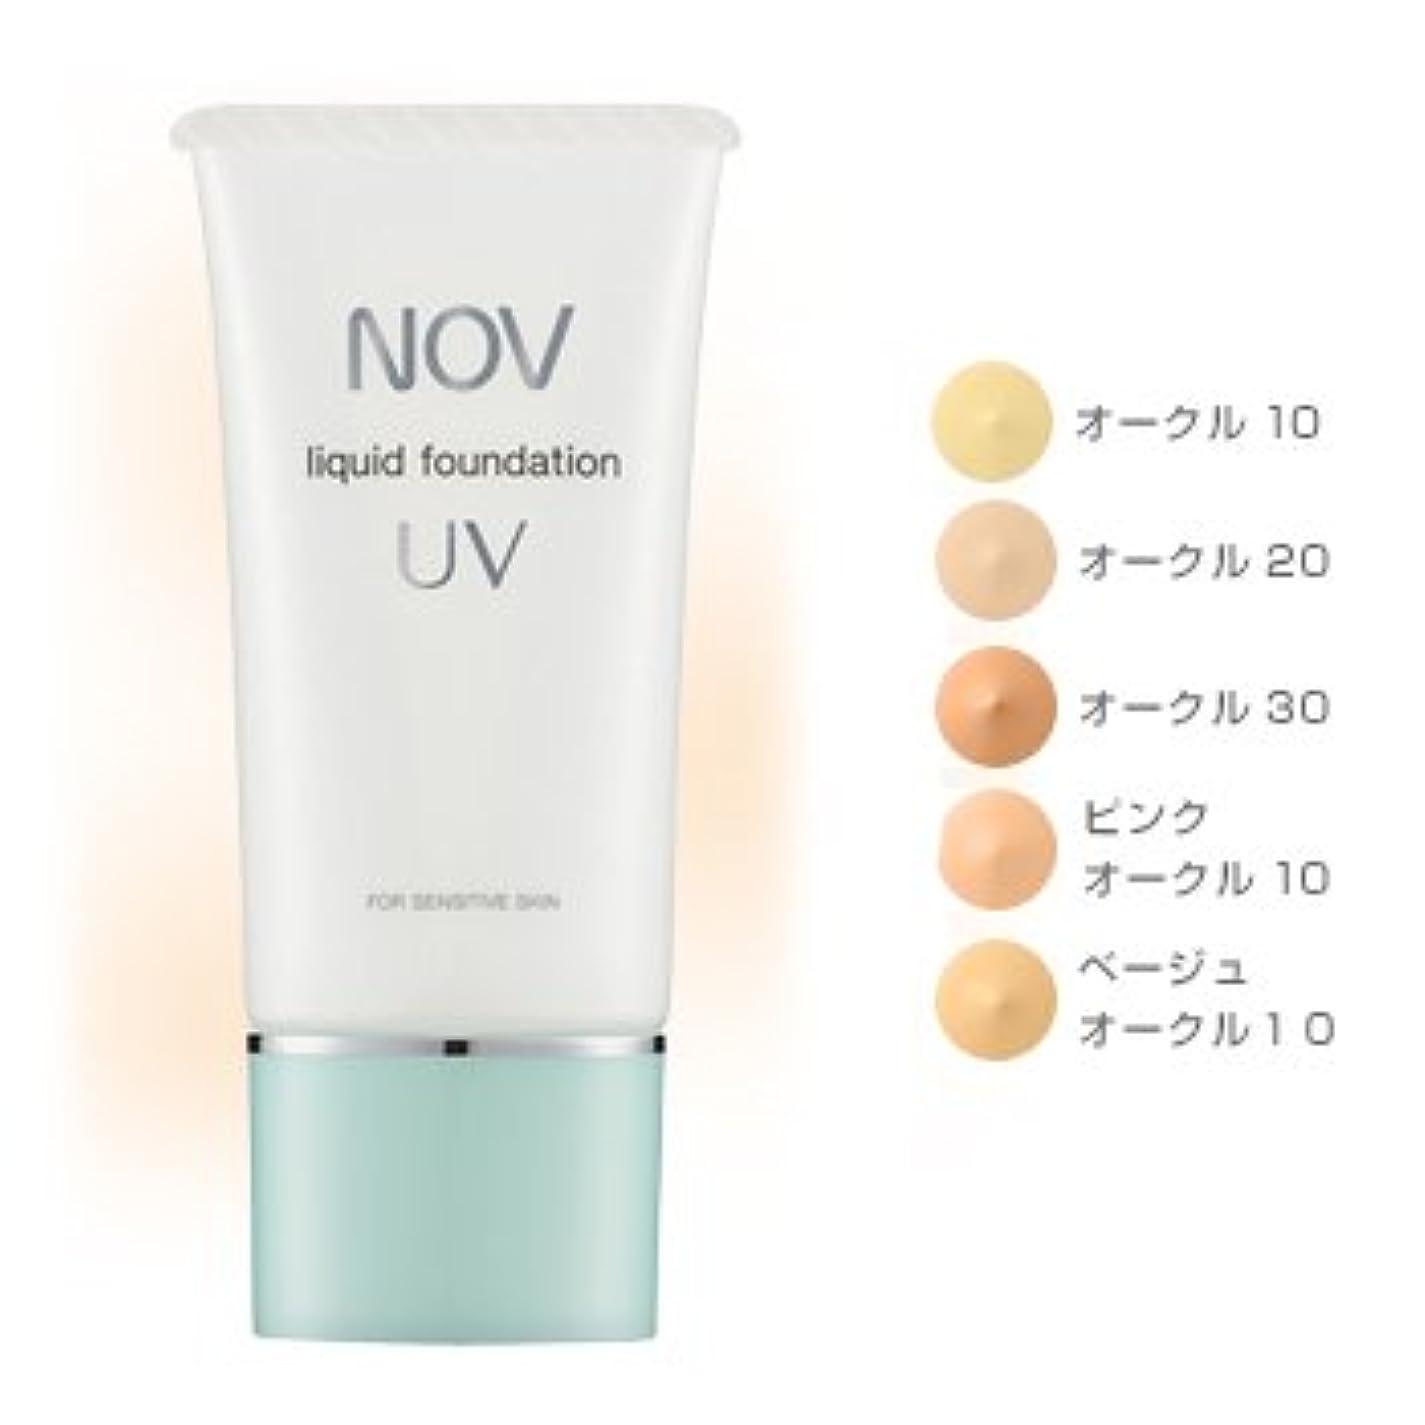 エレメンタル広げるプロペラノブ リキッドファンデーション UV (オークル10)